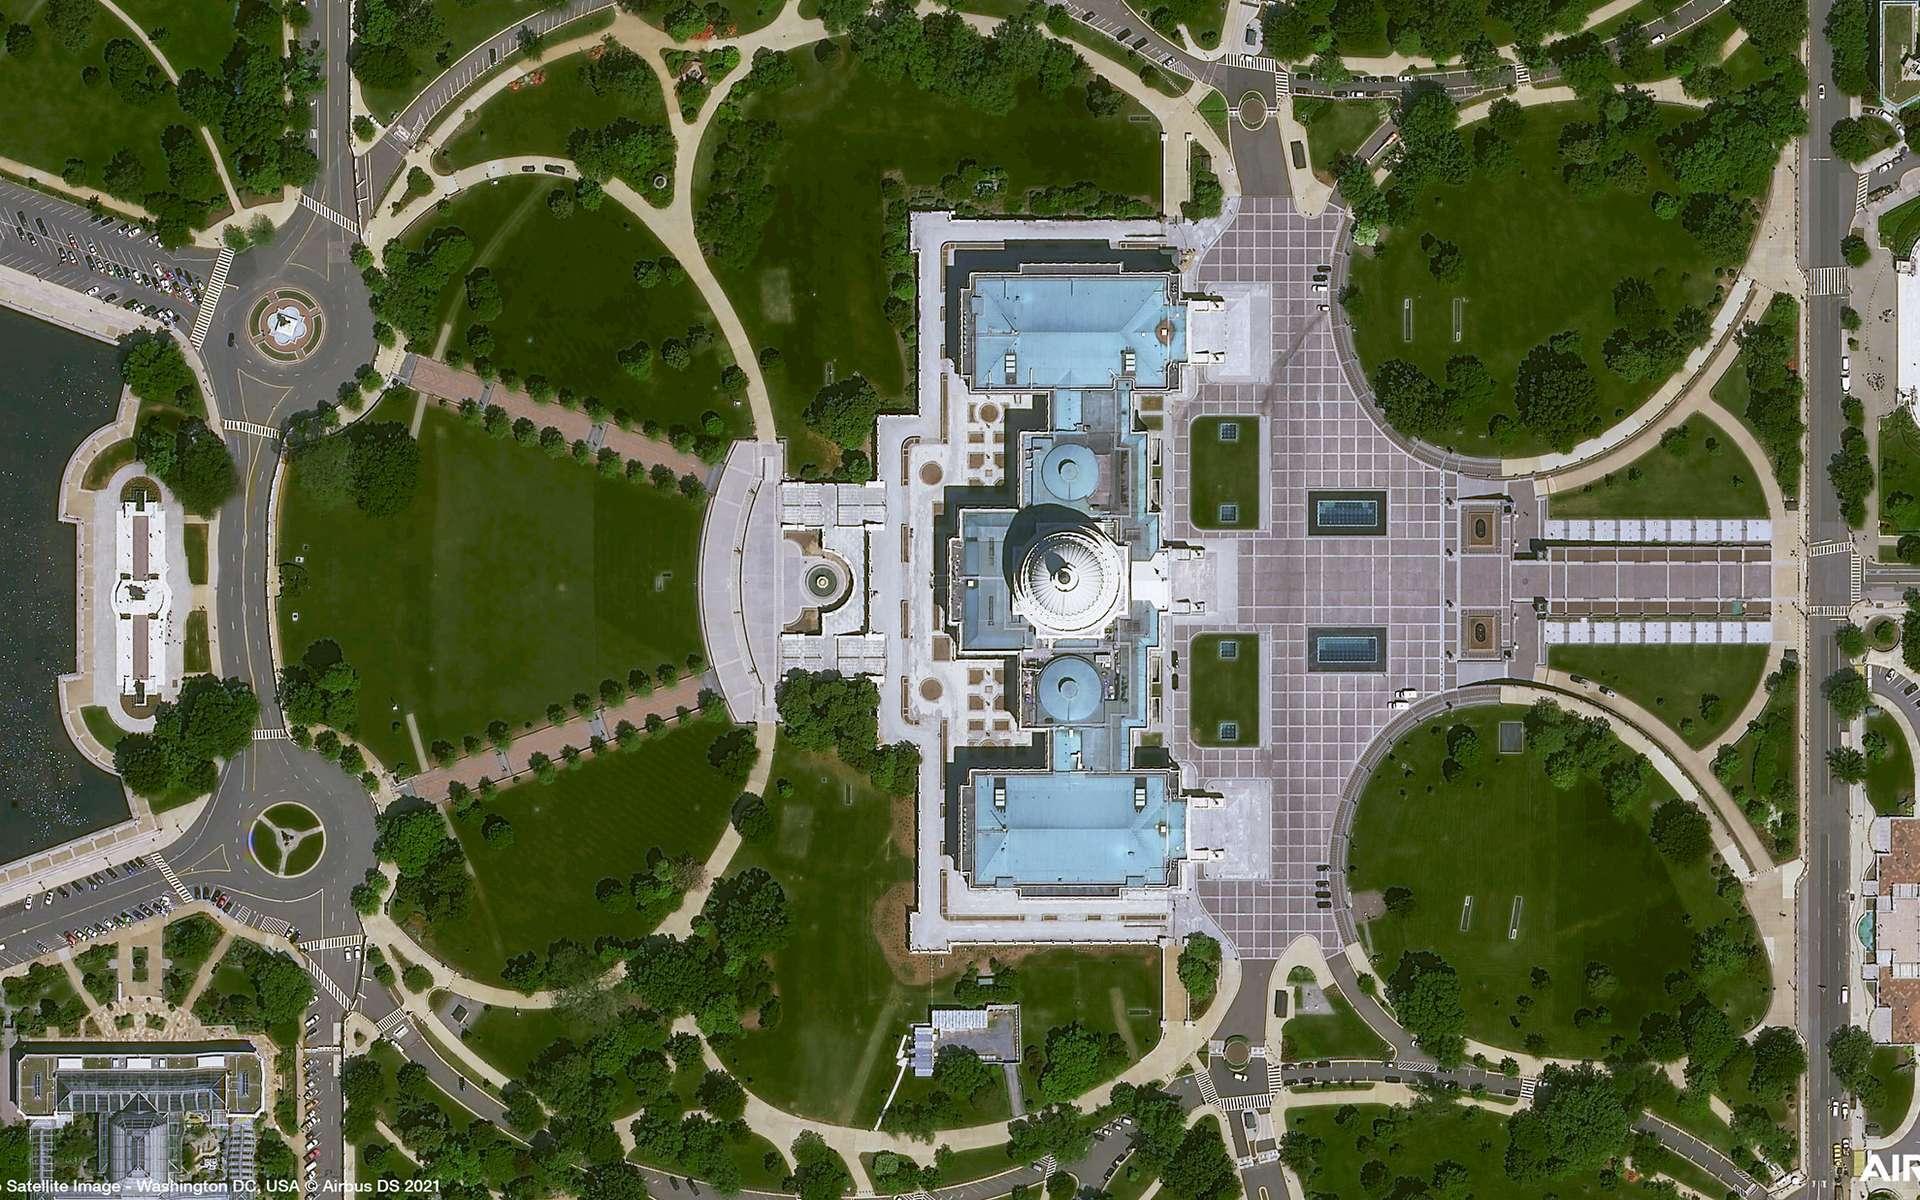 Le Capitole, siège du congrès américain, situé à Washington DC. Cette image est une des cinq « premières images » acquises par le satellite Pléiades Neo 3 d'Airbus. © Airbus DS 2021